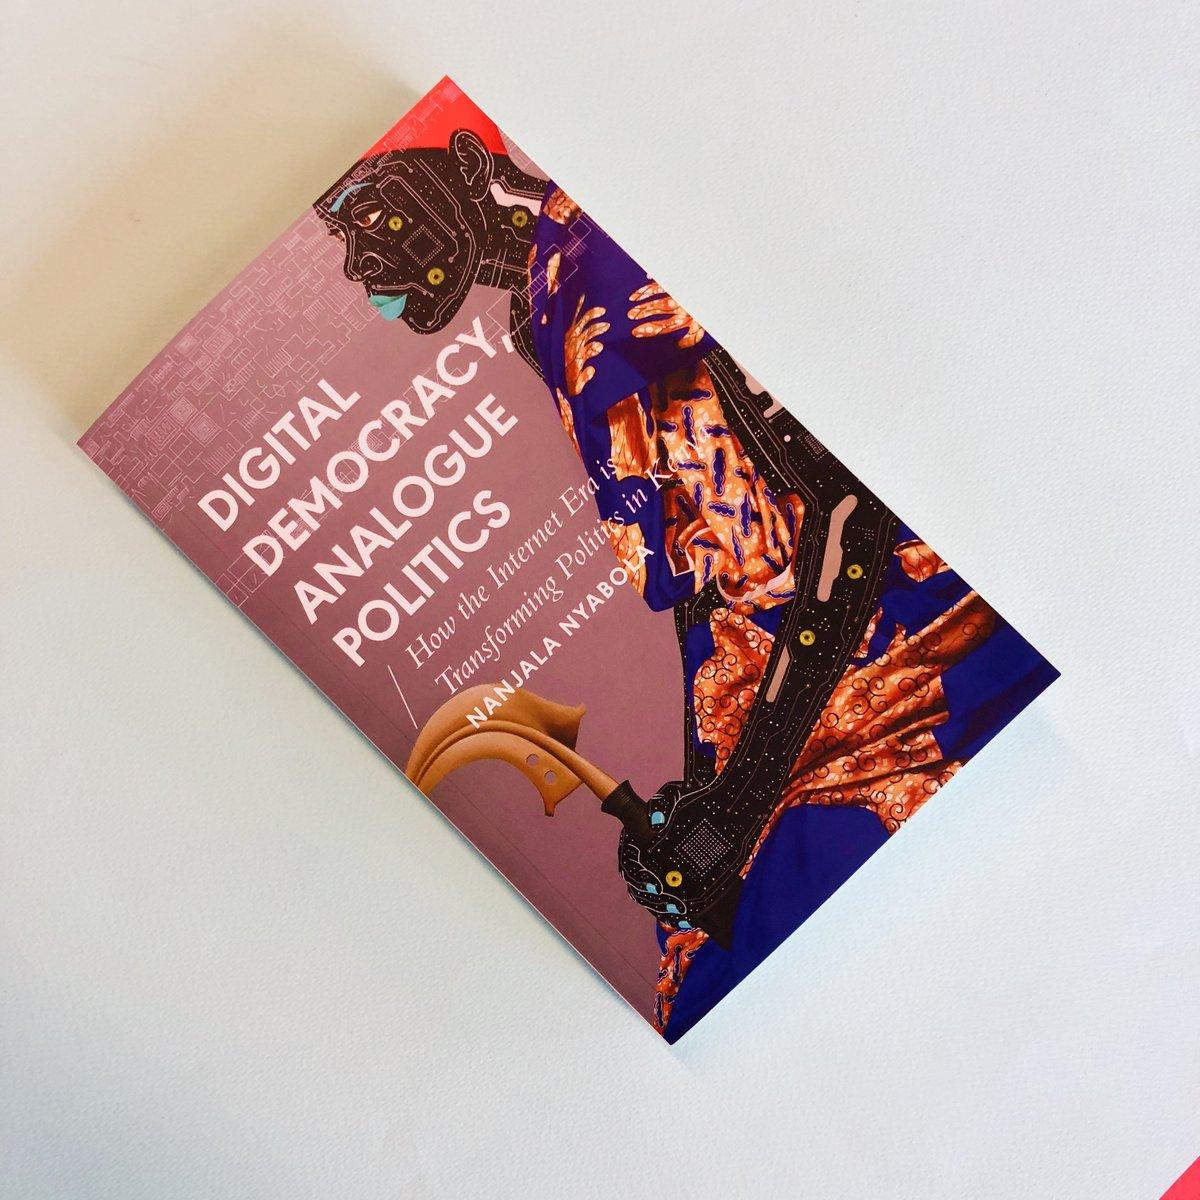 book El postporno era eso